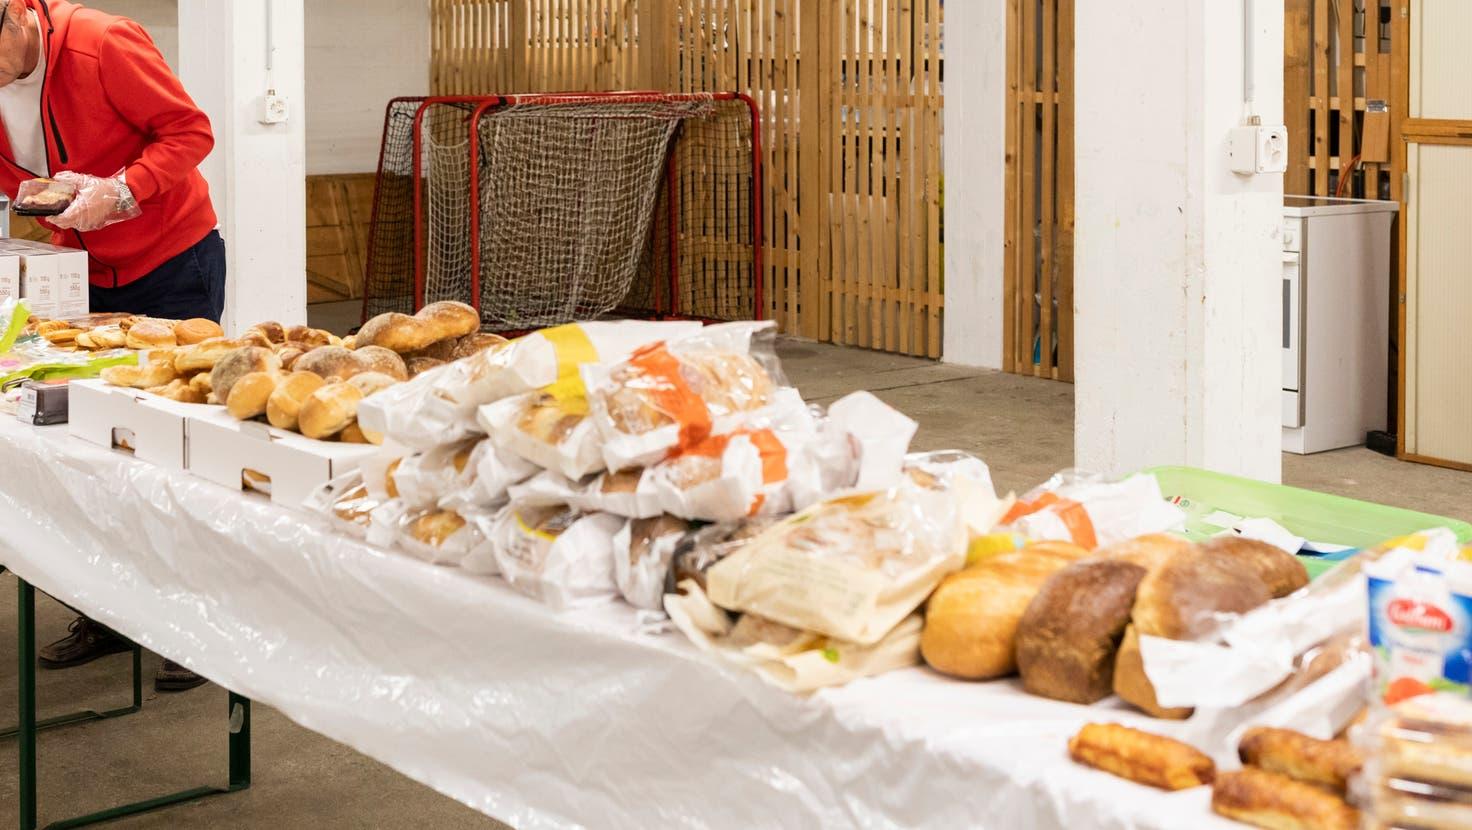 Lokale Initiativen zur Weitergabe von nicht mehr verkäuflichen Lebensmitteln gibt es bereits. Nun soll der Regierungsrat ein flächendeckendes Konzept vorlegen. (Severin Bigler)